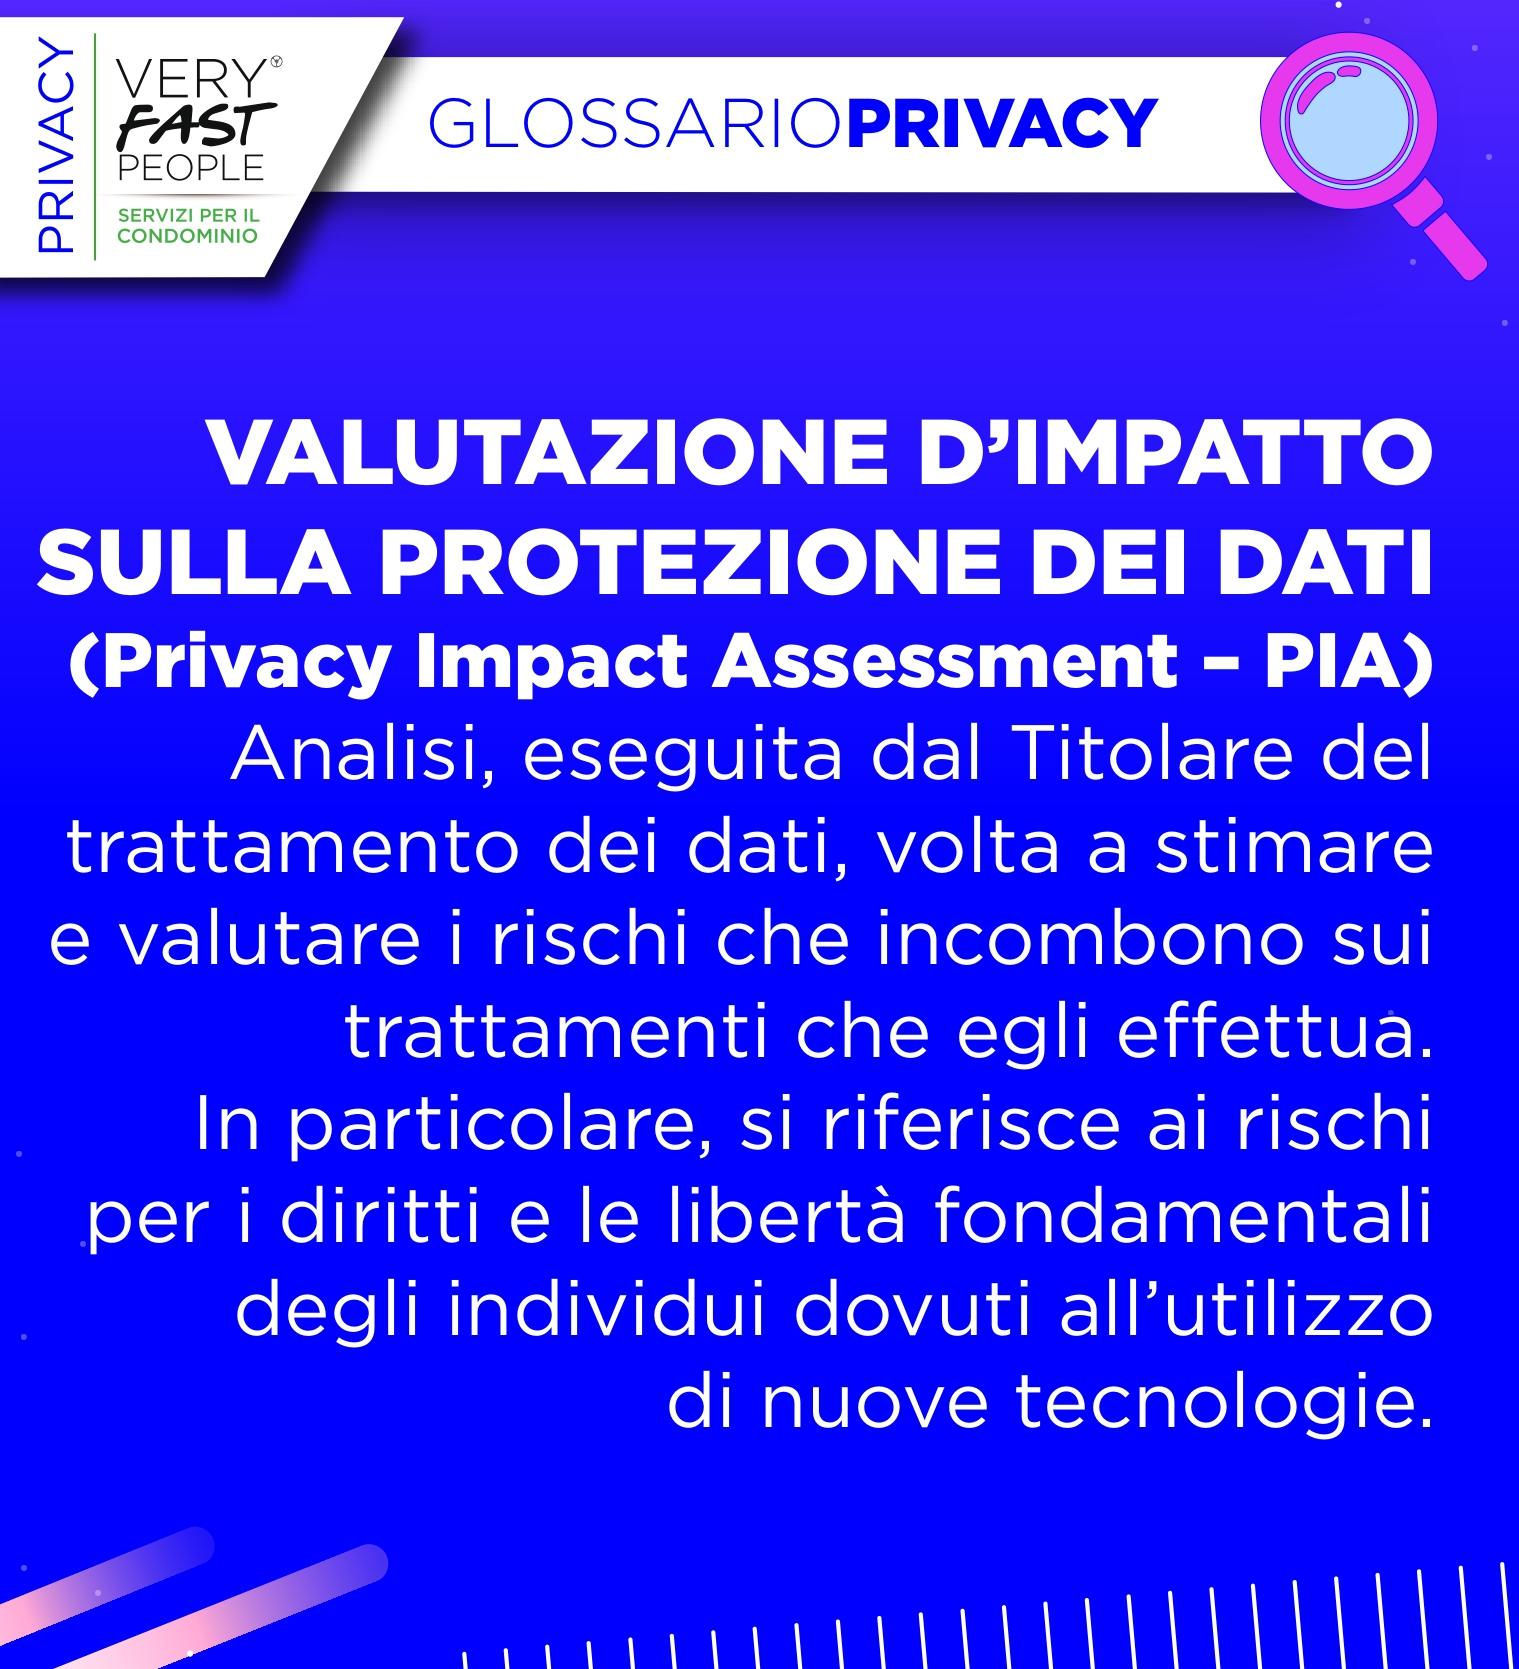 DPIA (Data Protection Impact Assessment): Valutazione d'impatto